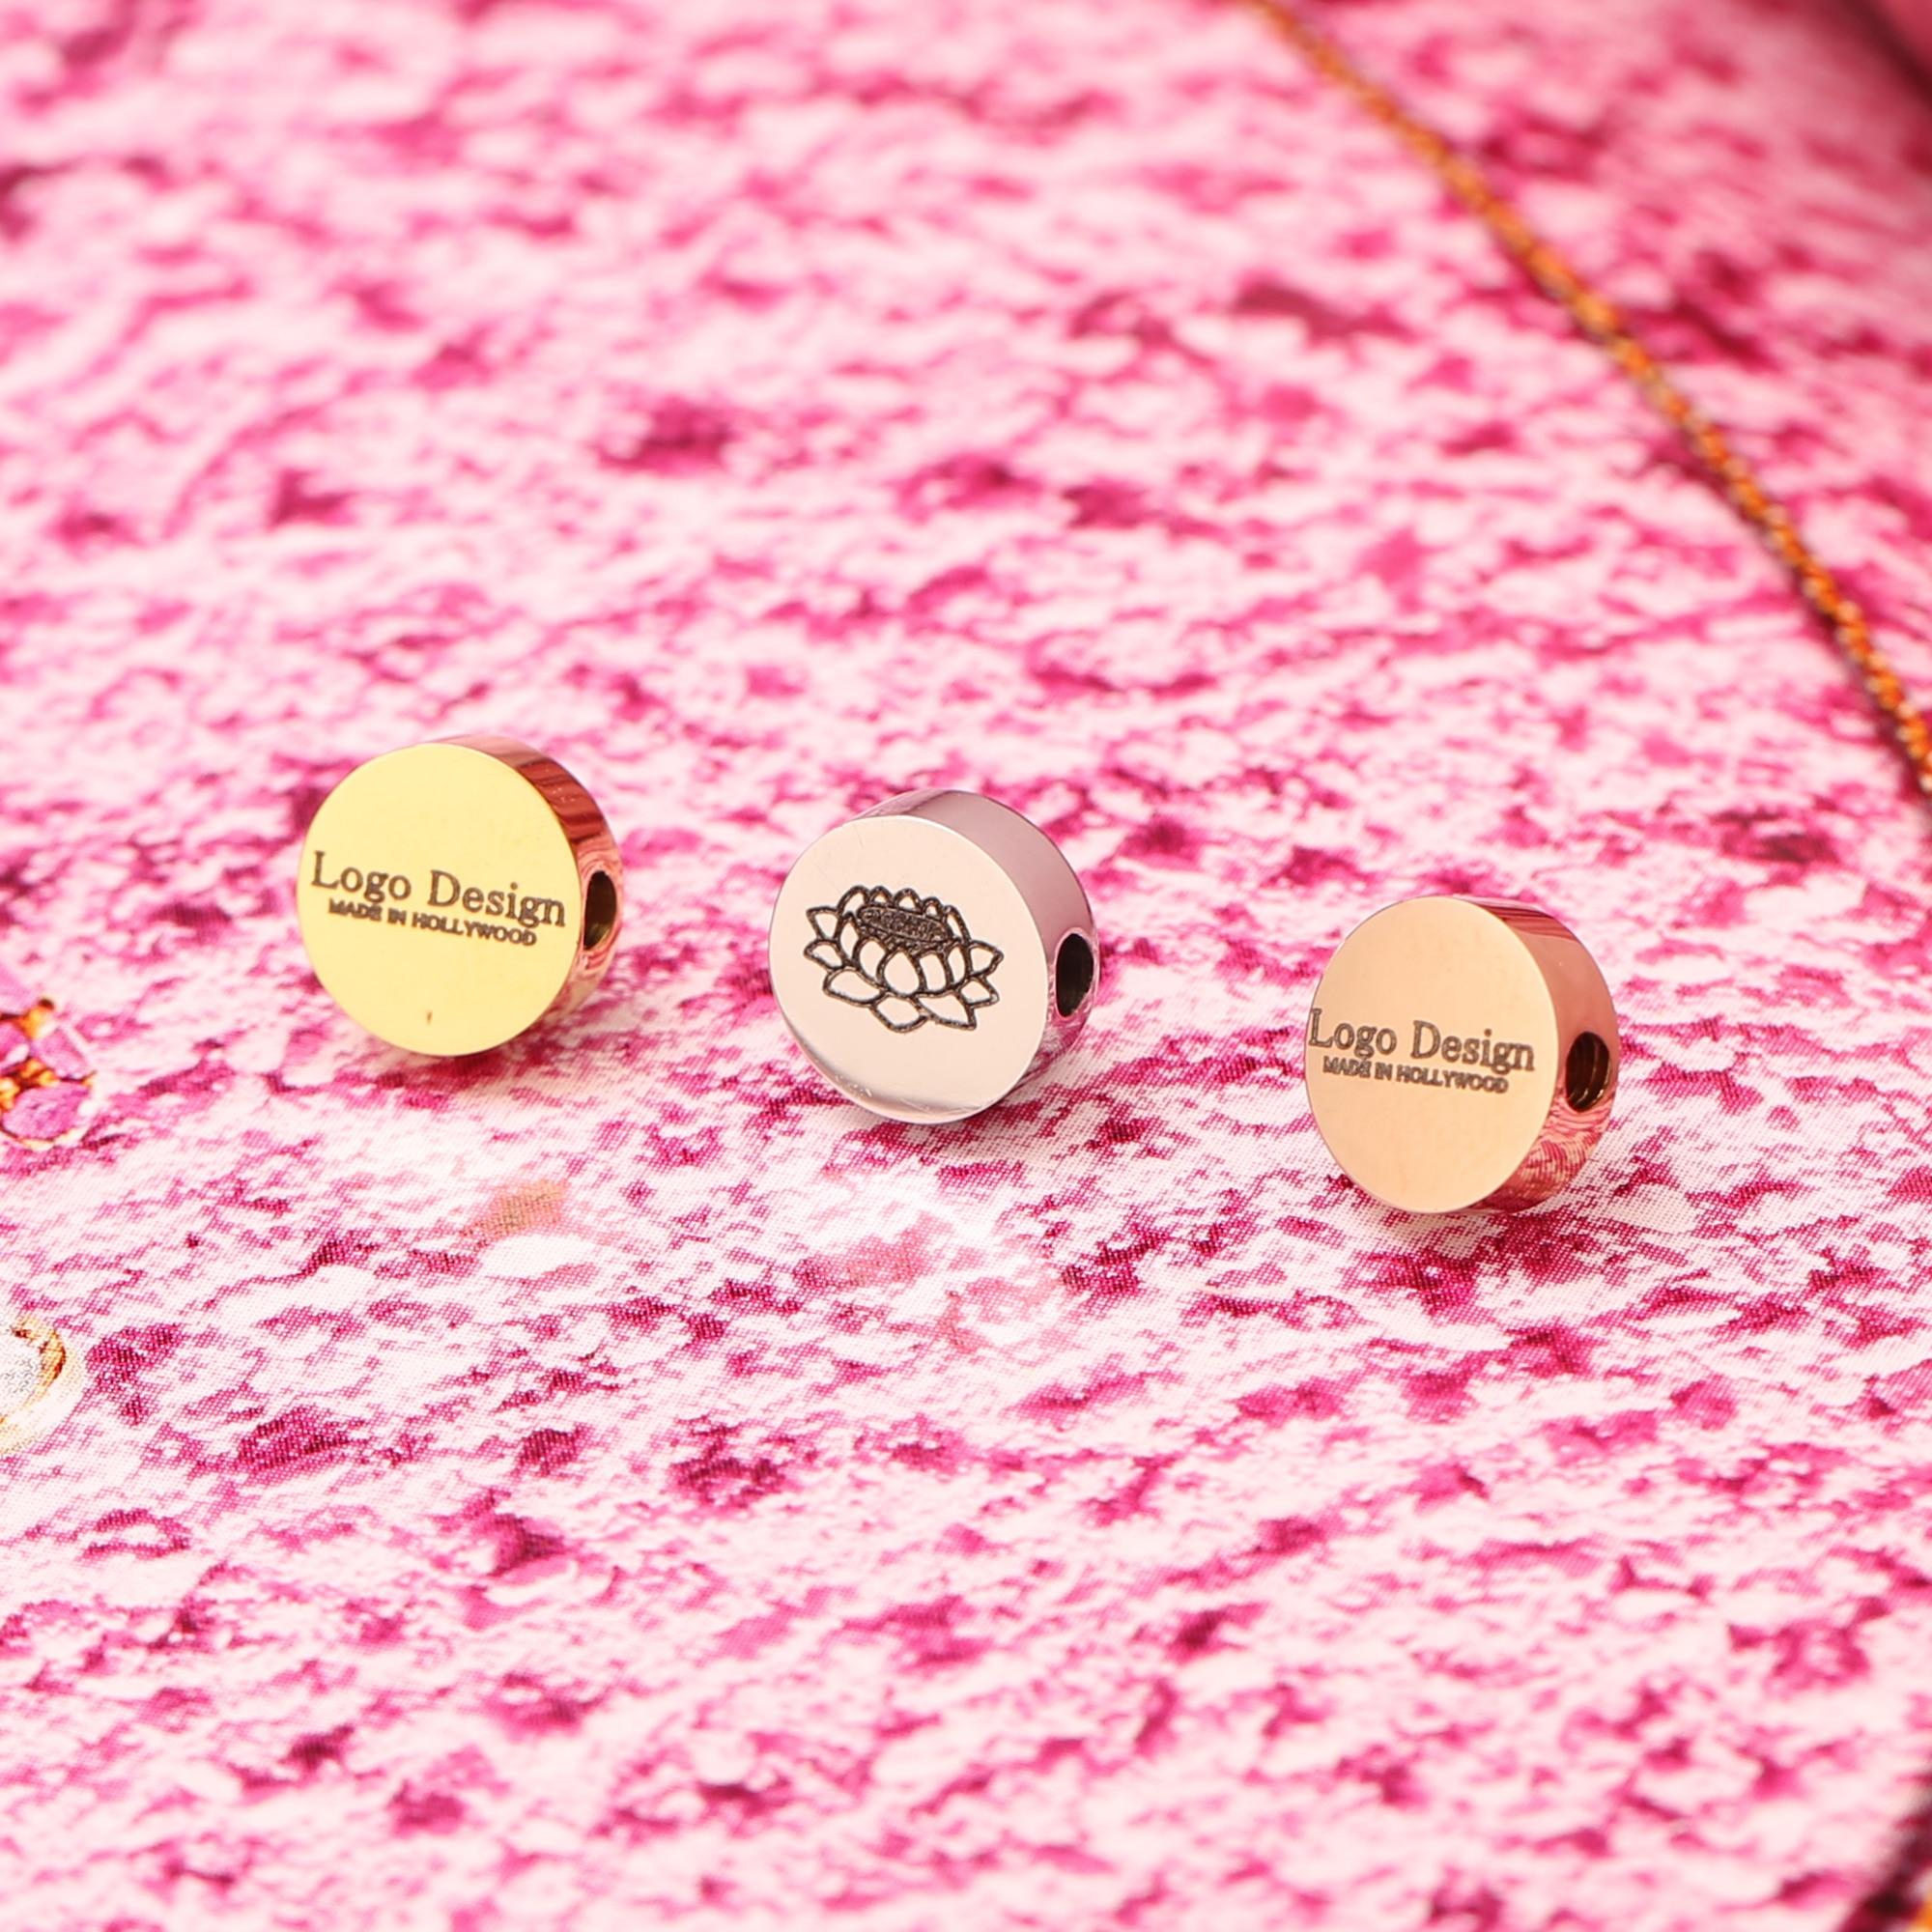 Darmowa wysyłka 10 sztuk 8MM okrąg ze stali nierdzewnej grawerowane Logo wycinane laserem koraliki dostosowane do DIY tworzenia biżuterii, PVD poszycia, LG10